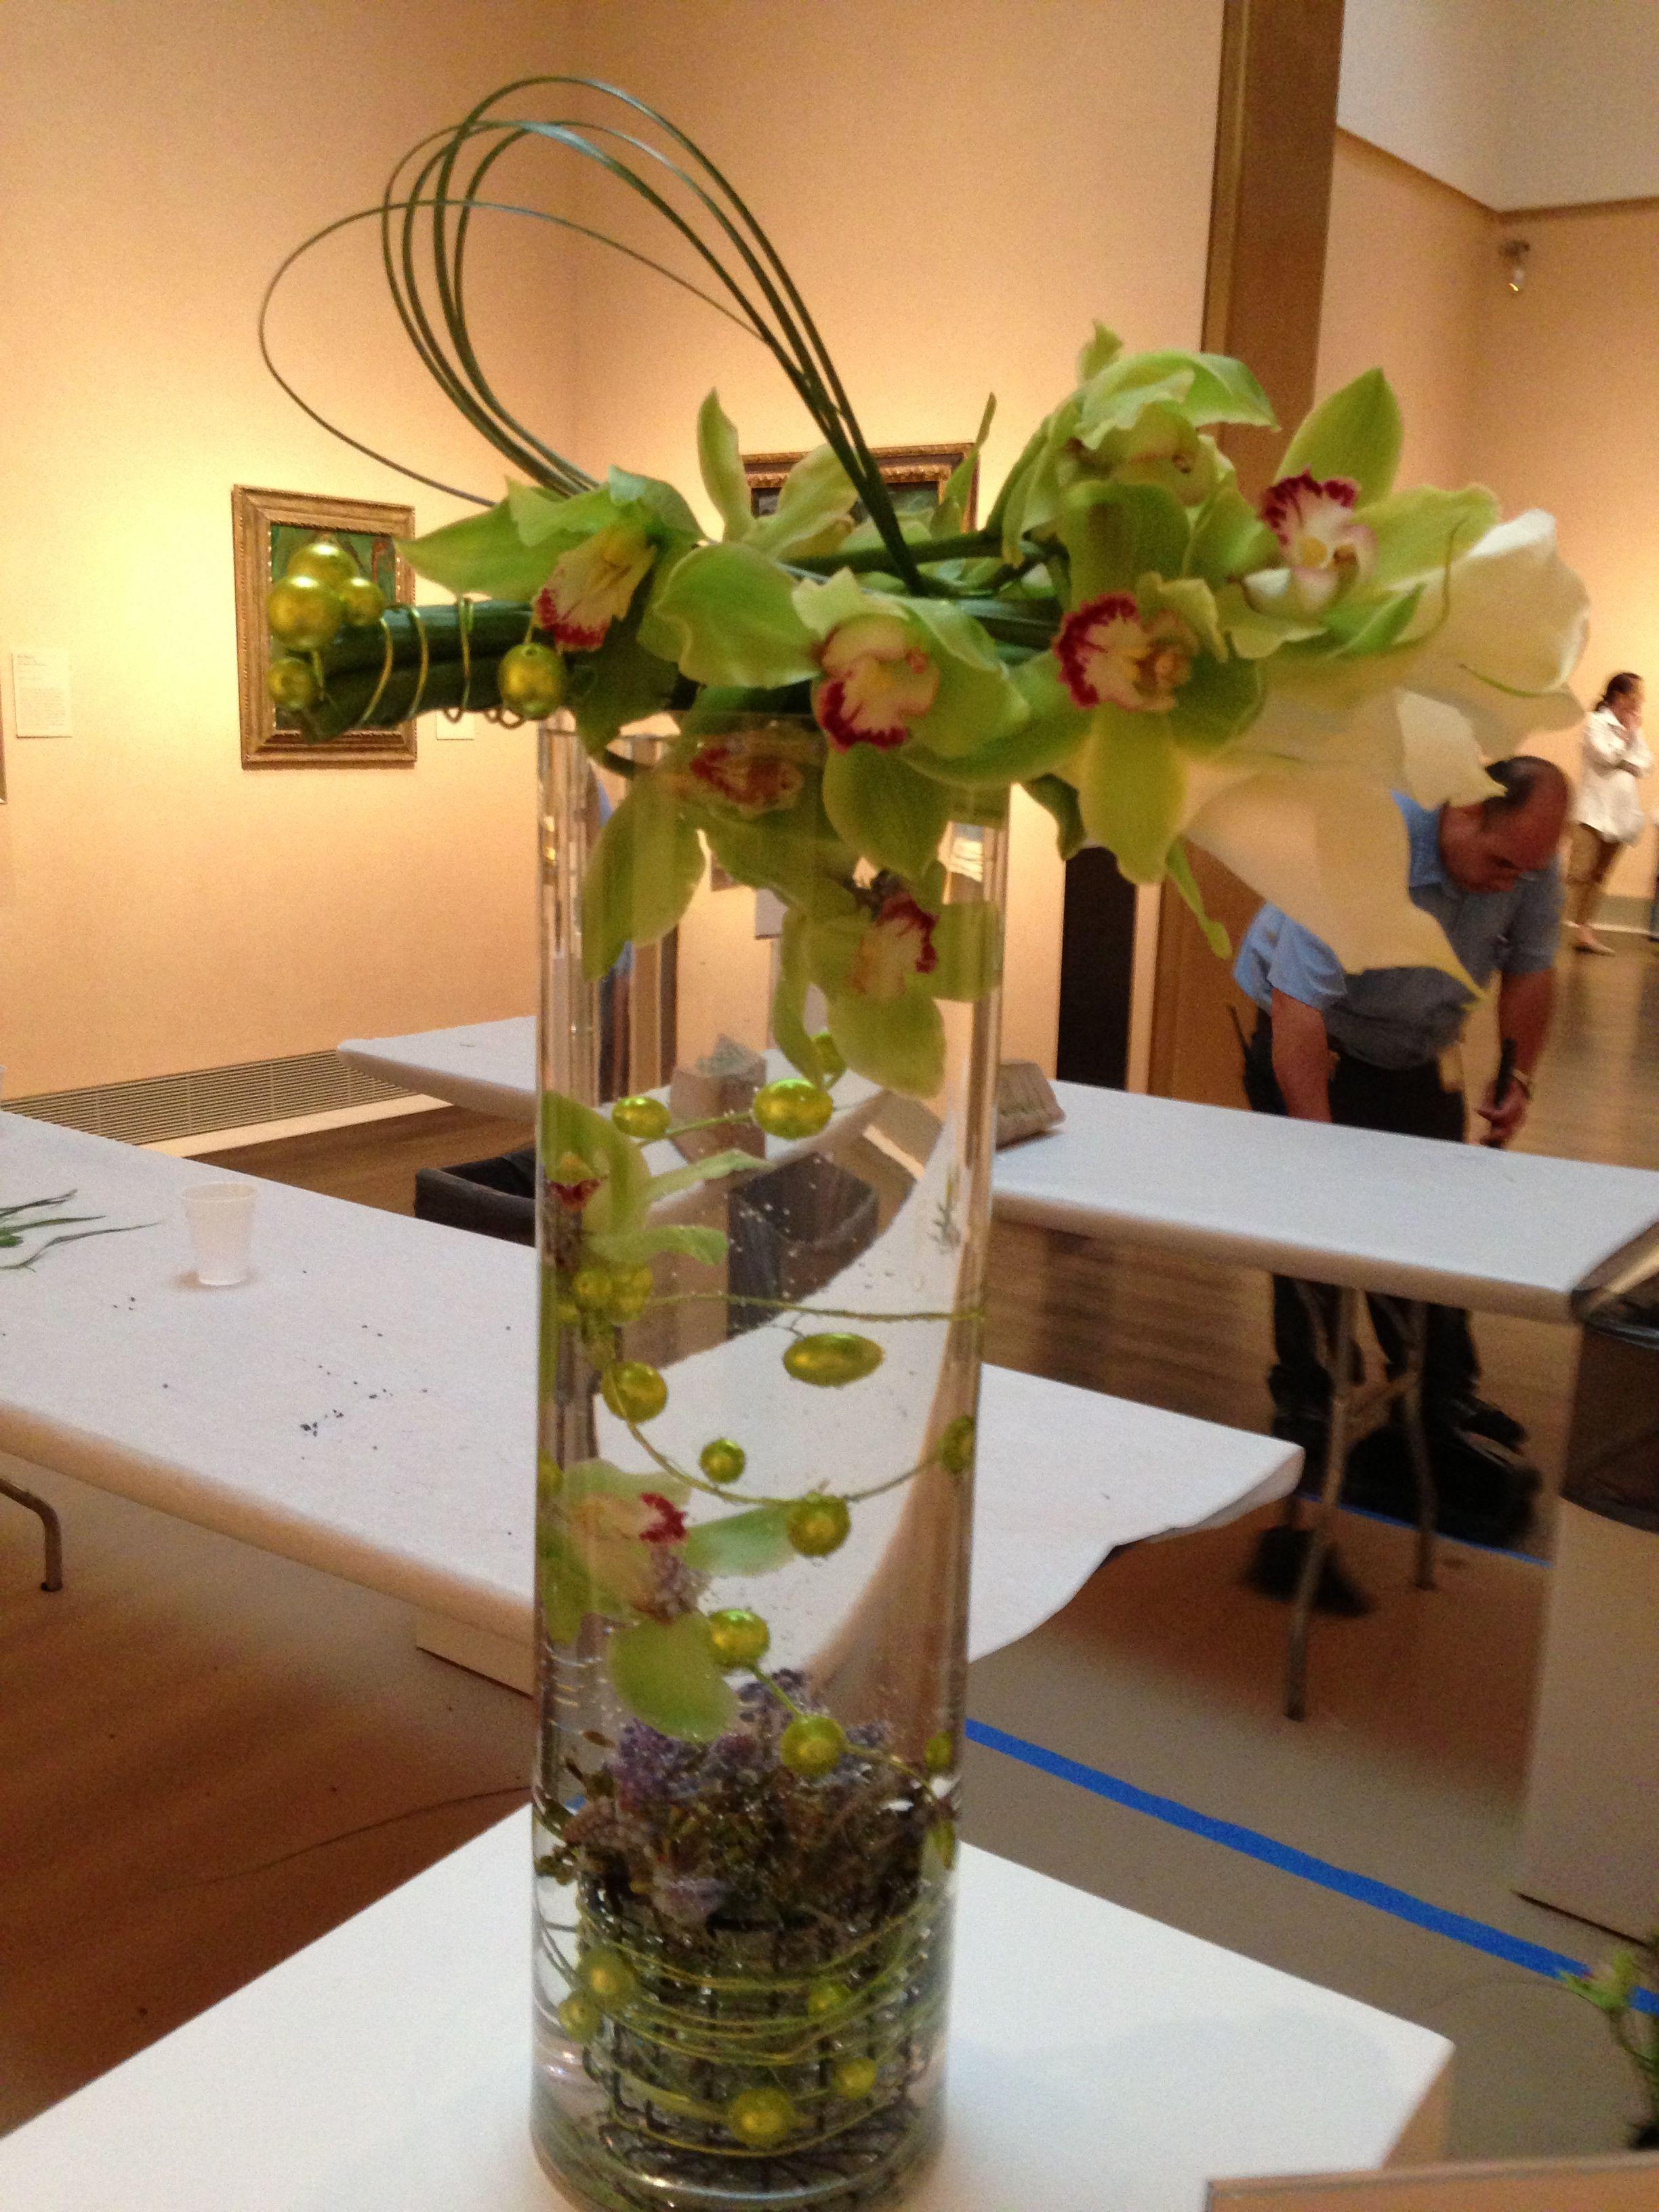 Award Winning Underwater Floral Design by Elizabeth Stone